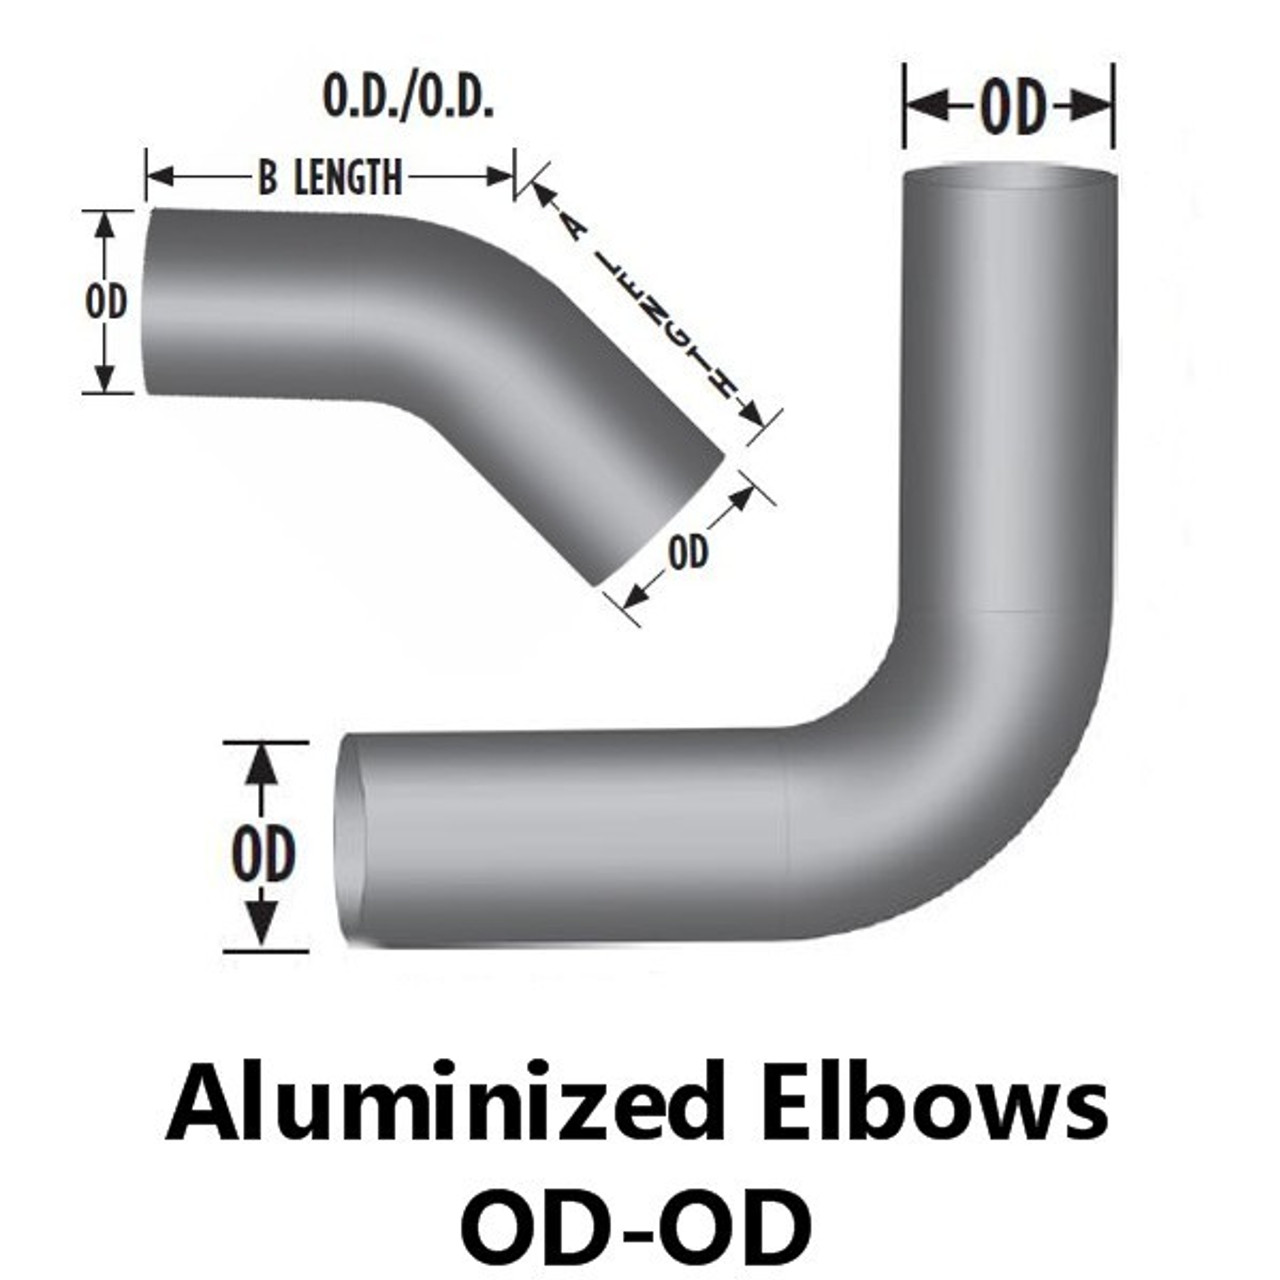 5'' ALZ Elbows OD-OD